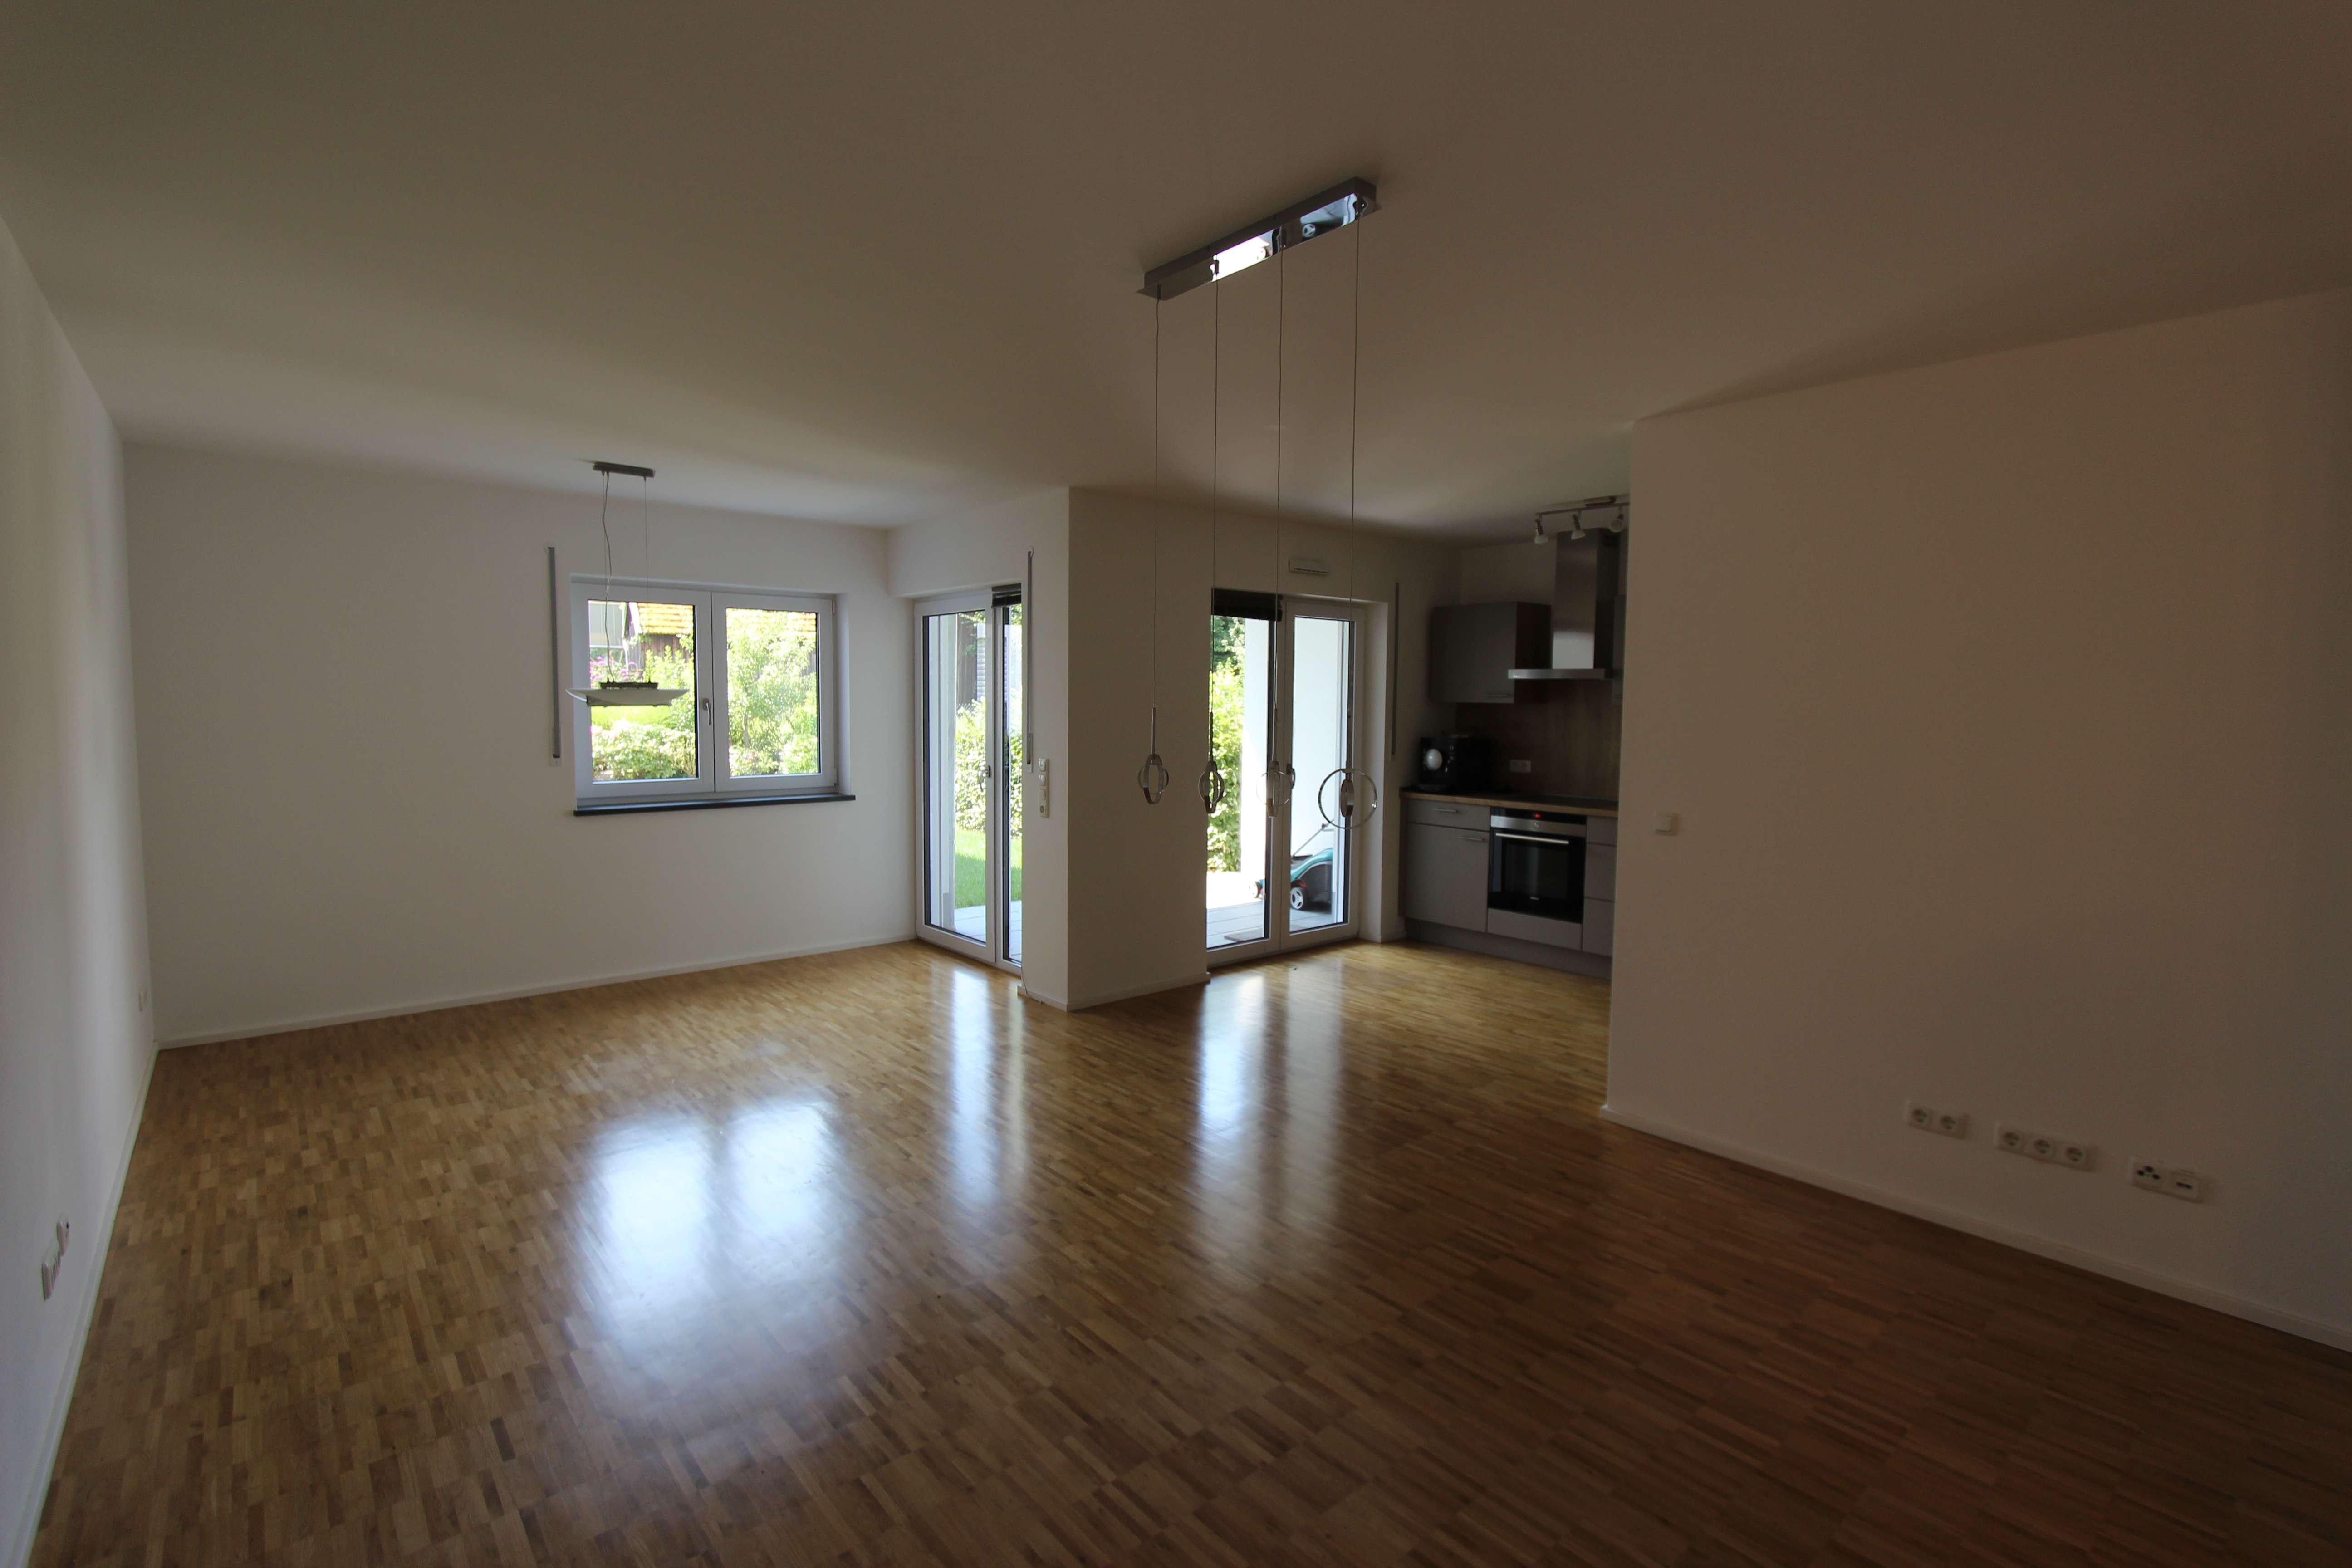 Neuwertige 3-Raum-EG-Wohnung mit Balkon und Einbauküche in Mitterfels in